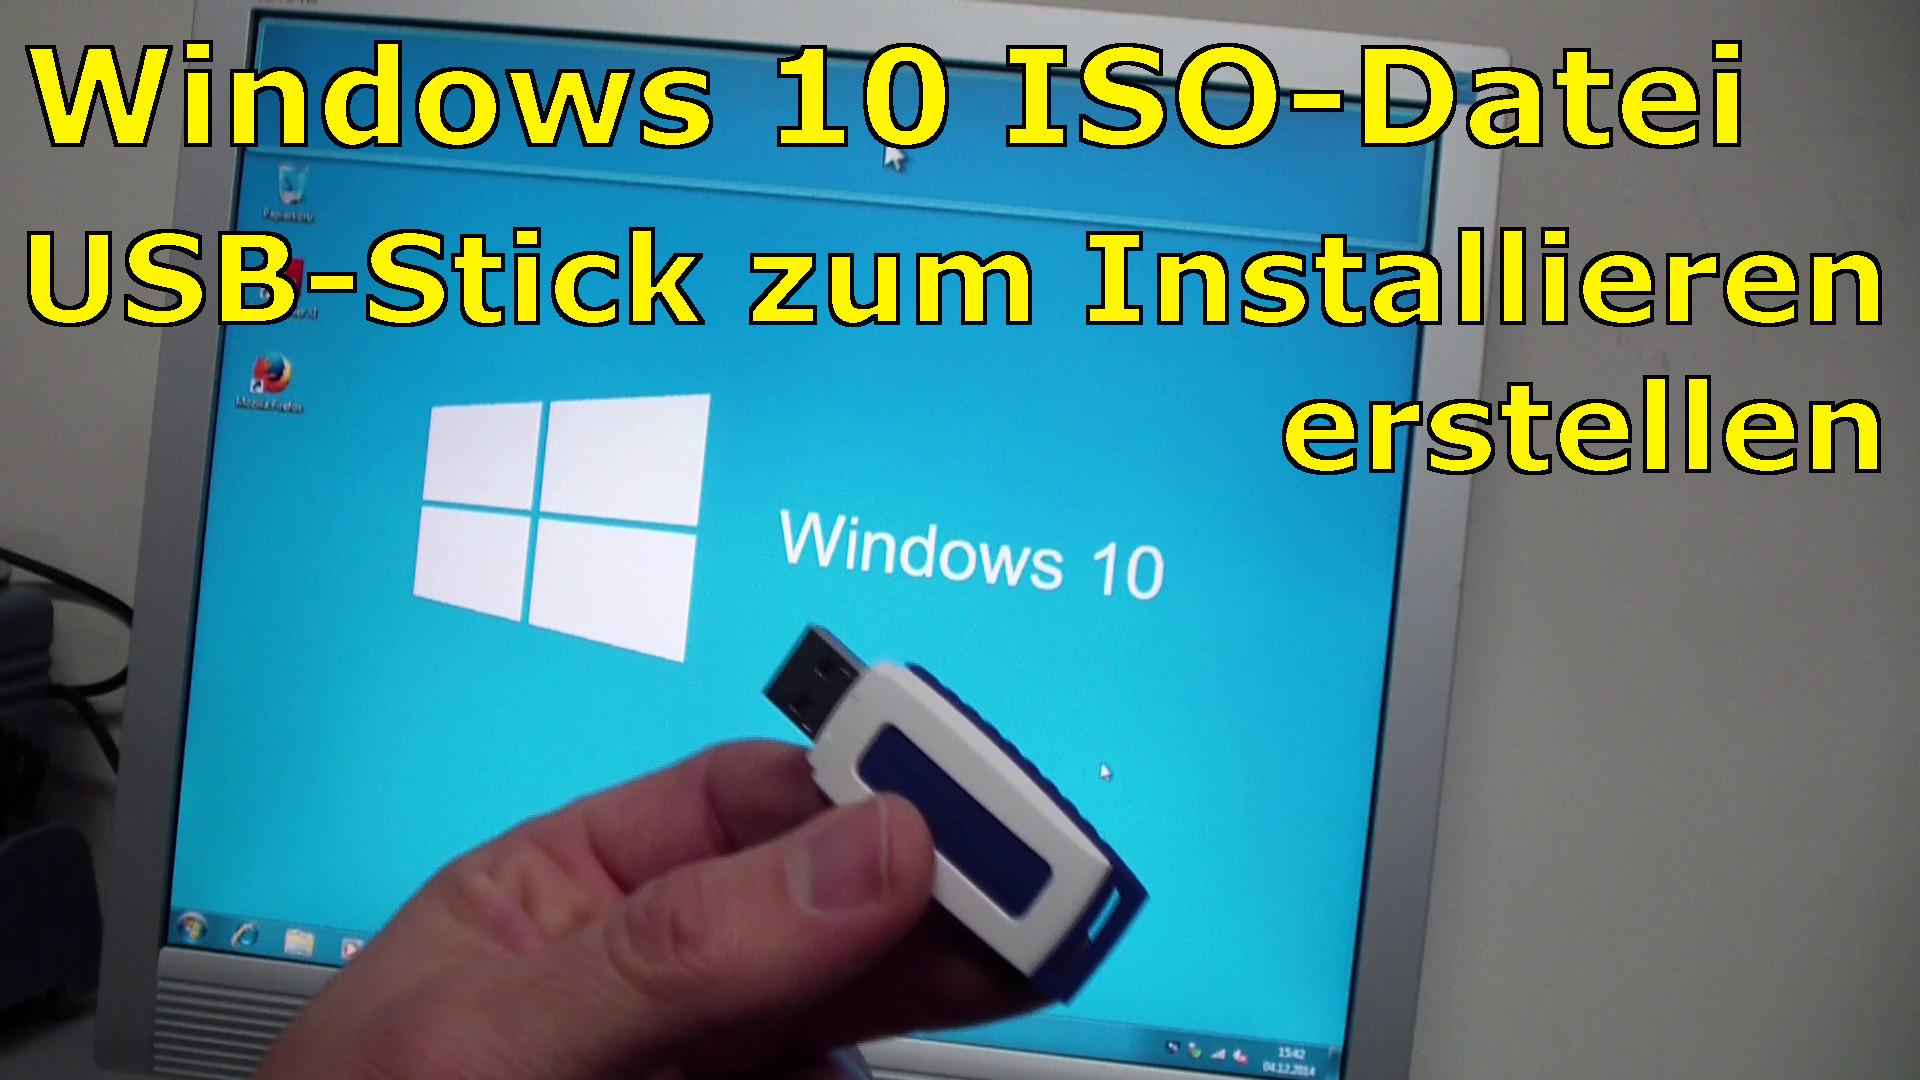 windows 10 bootbaren usb stick mit windows 10 iso erstellen mit video tuhl teim de. Black Bedroom Furniture Sets. Home Design Ideas